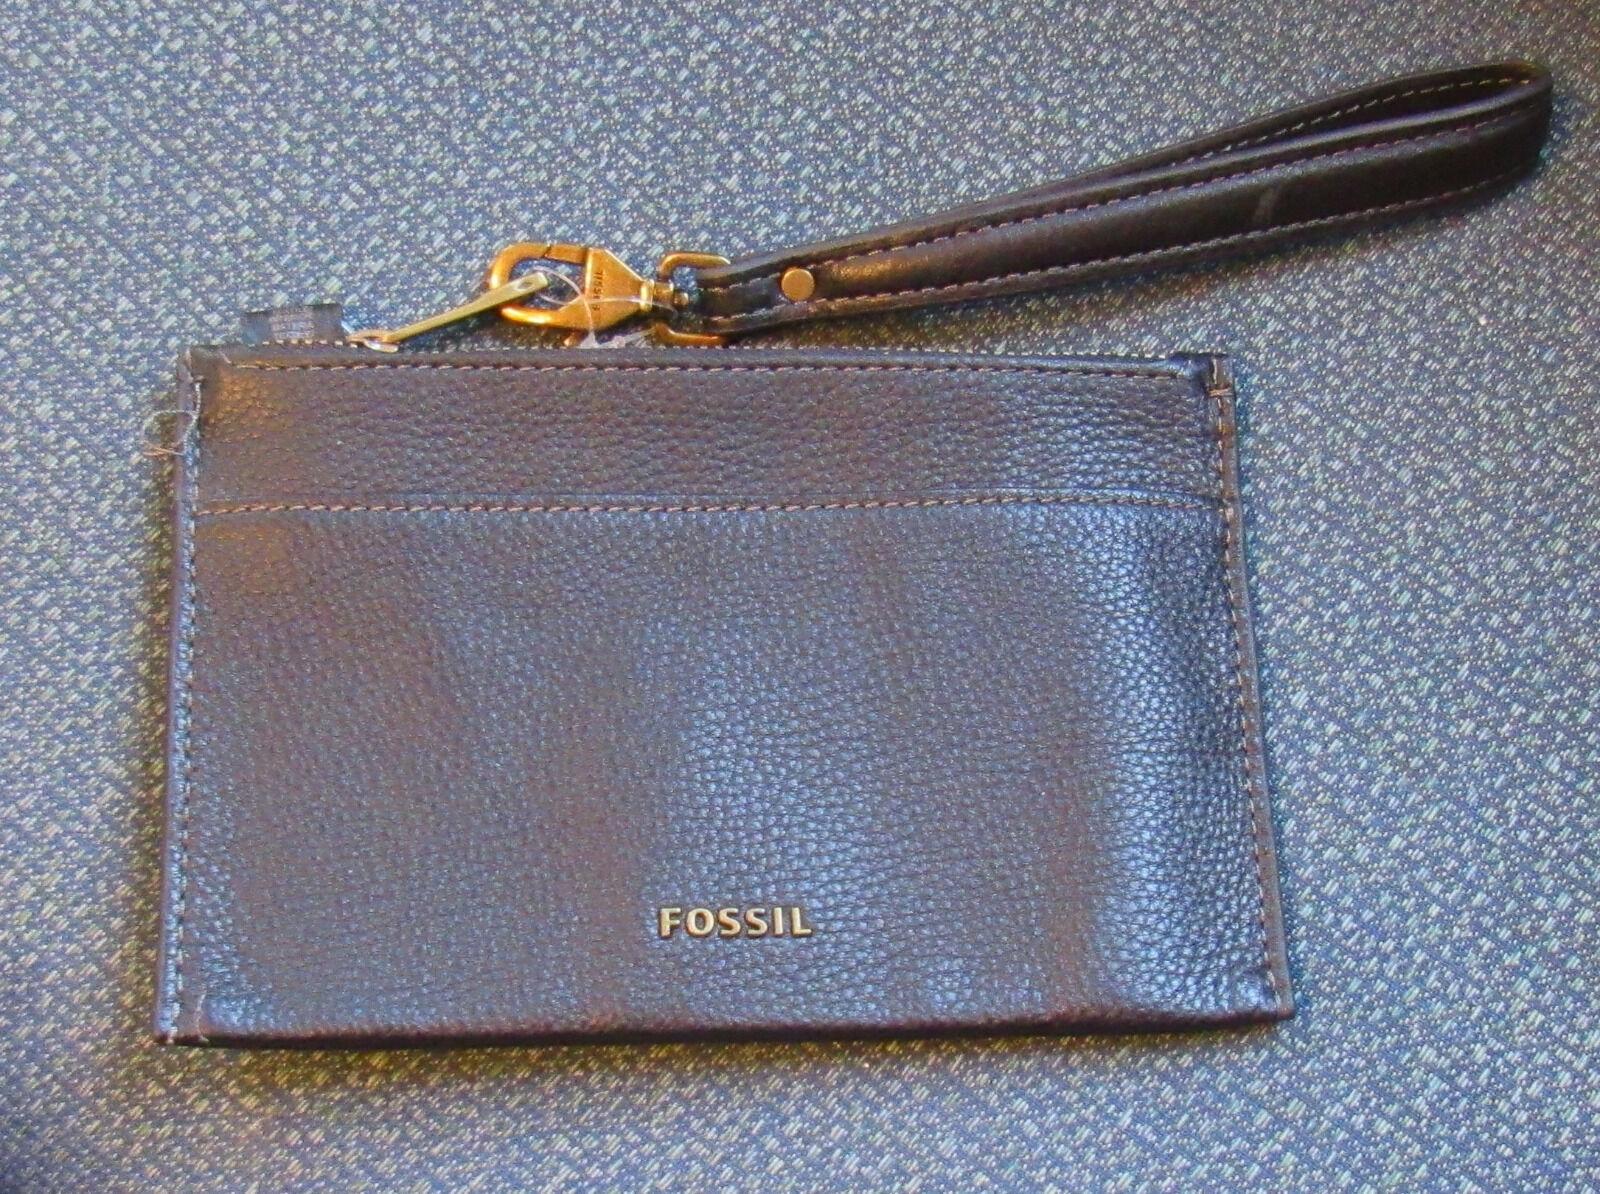 Fossil women s wrist wallet